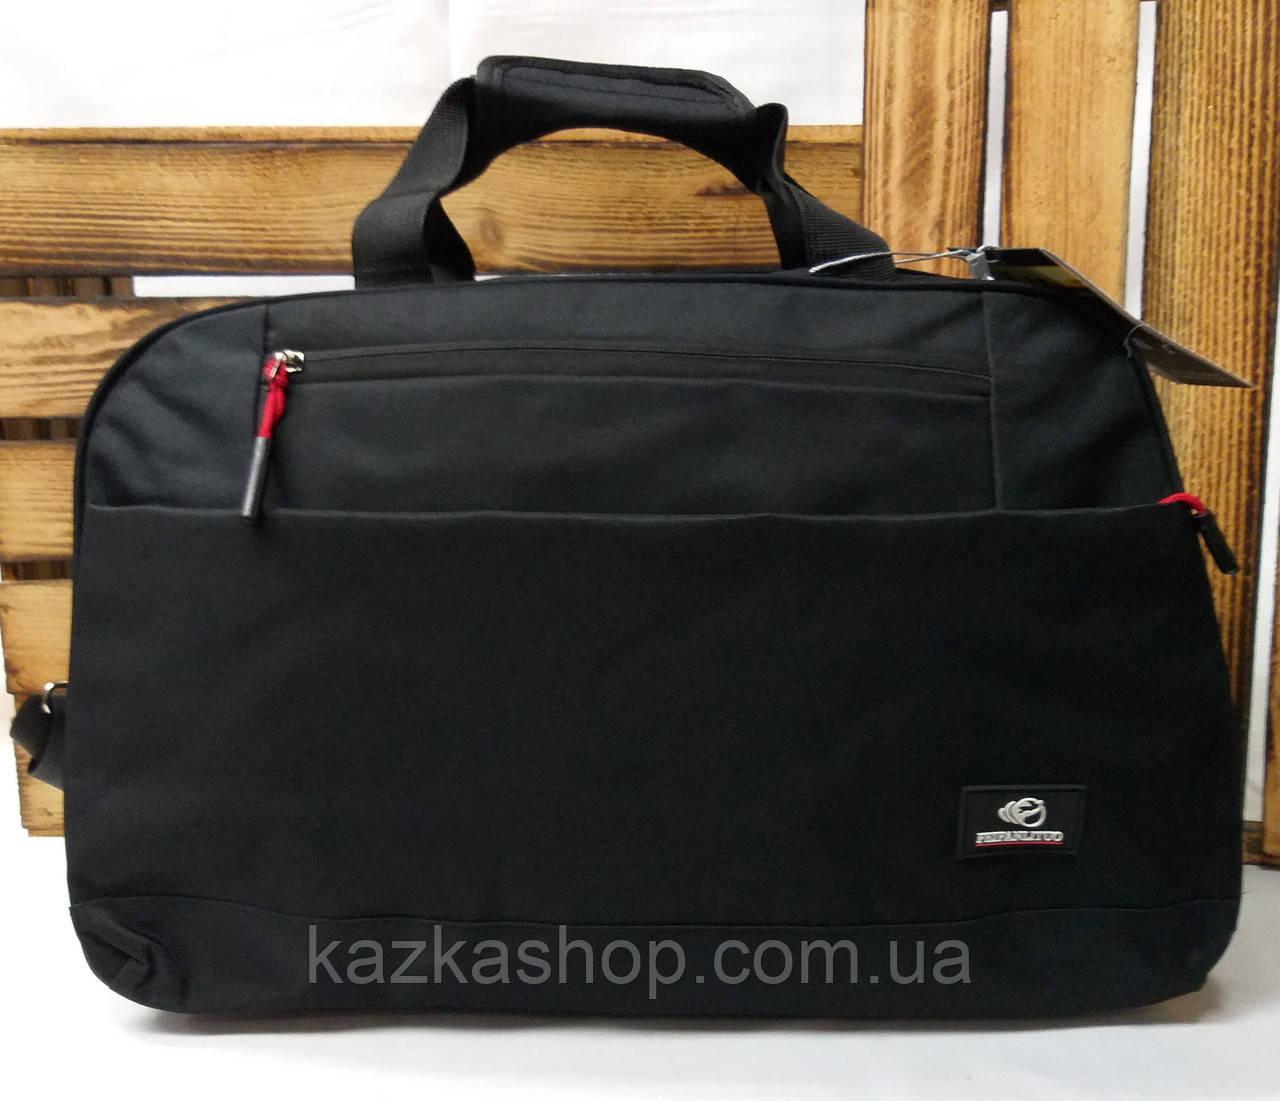 Дорожная сумка хорошего качества, среднего размера 46х28х20 см, плотный материал, ножки на дне сумки